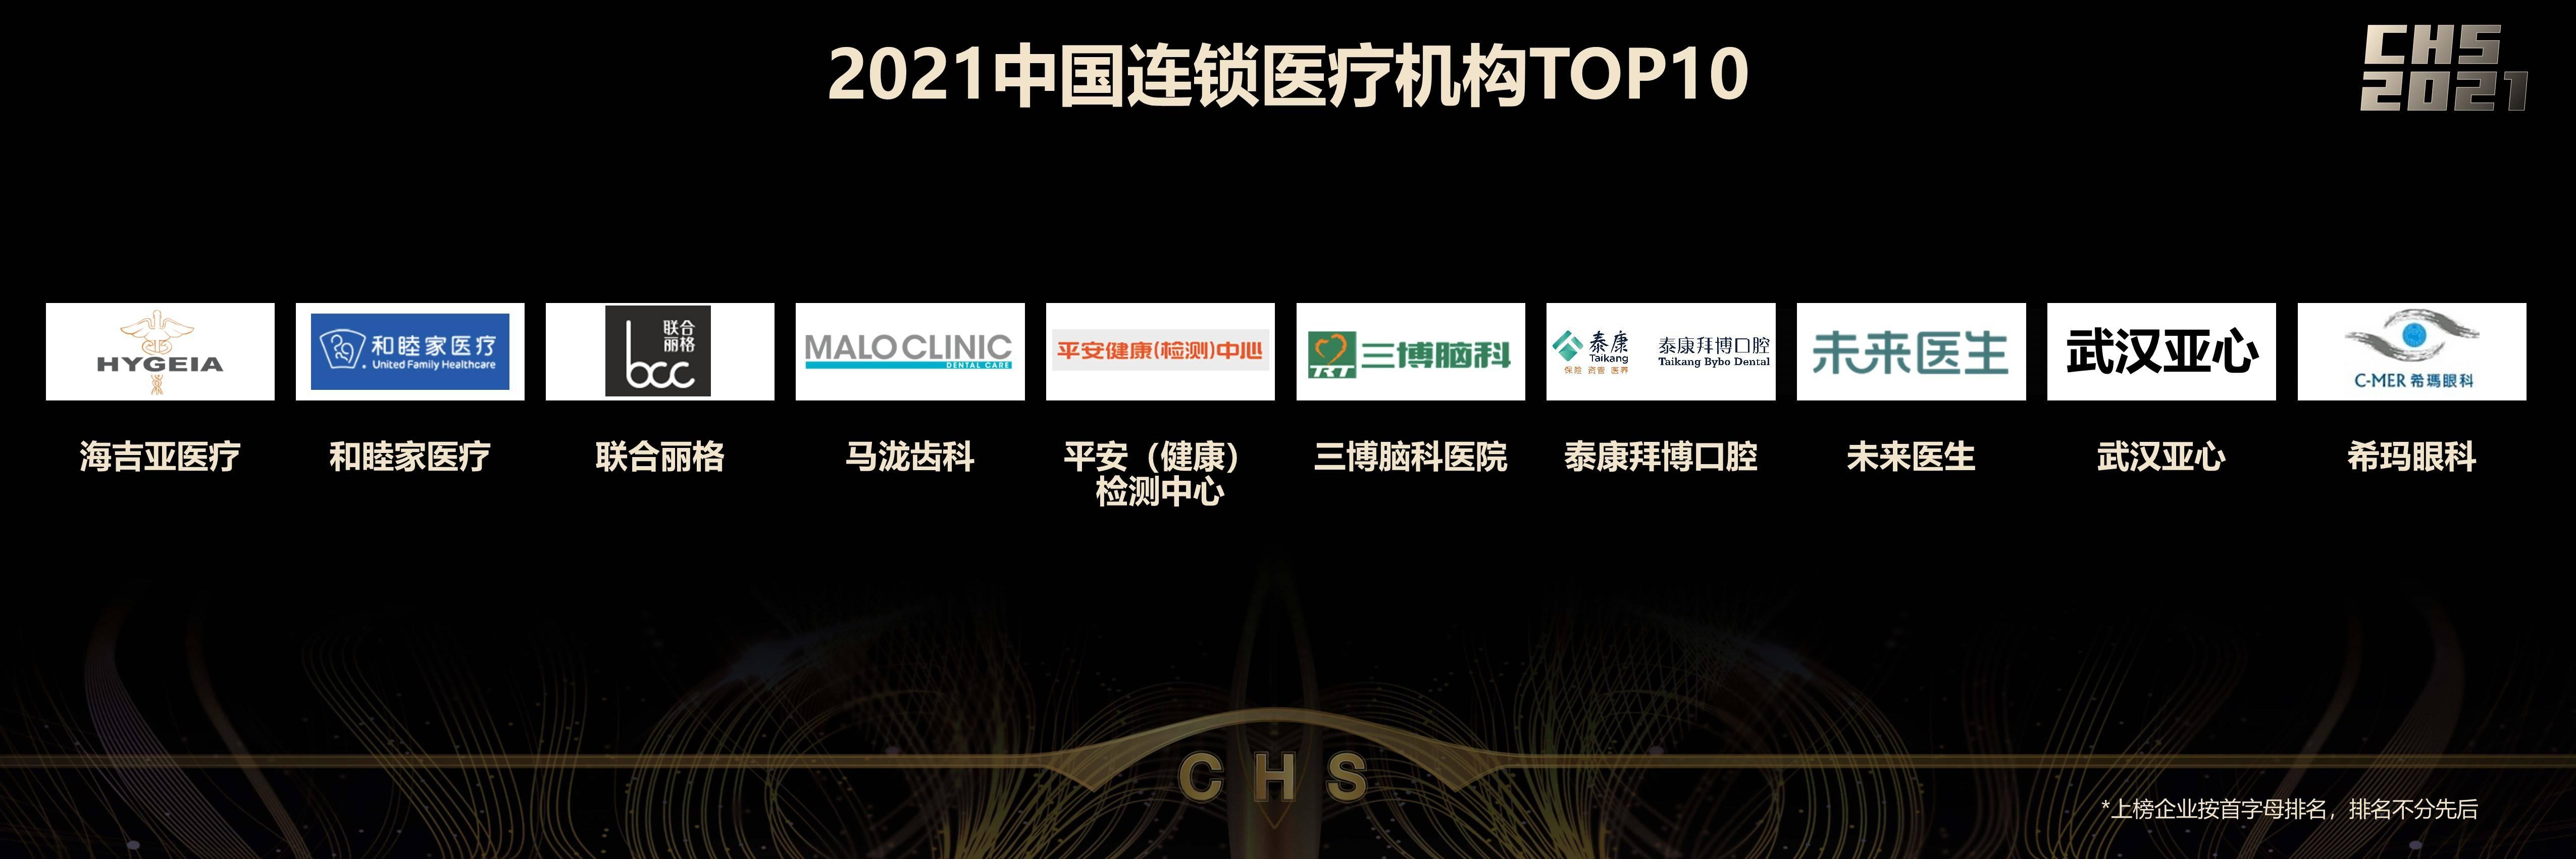 2021中国医疗医疗机构TOP10